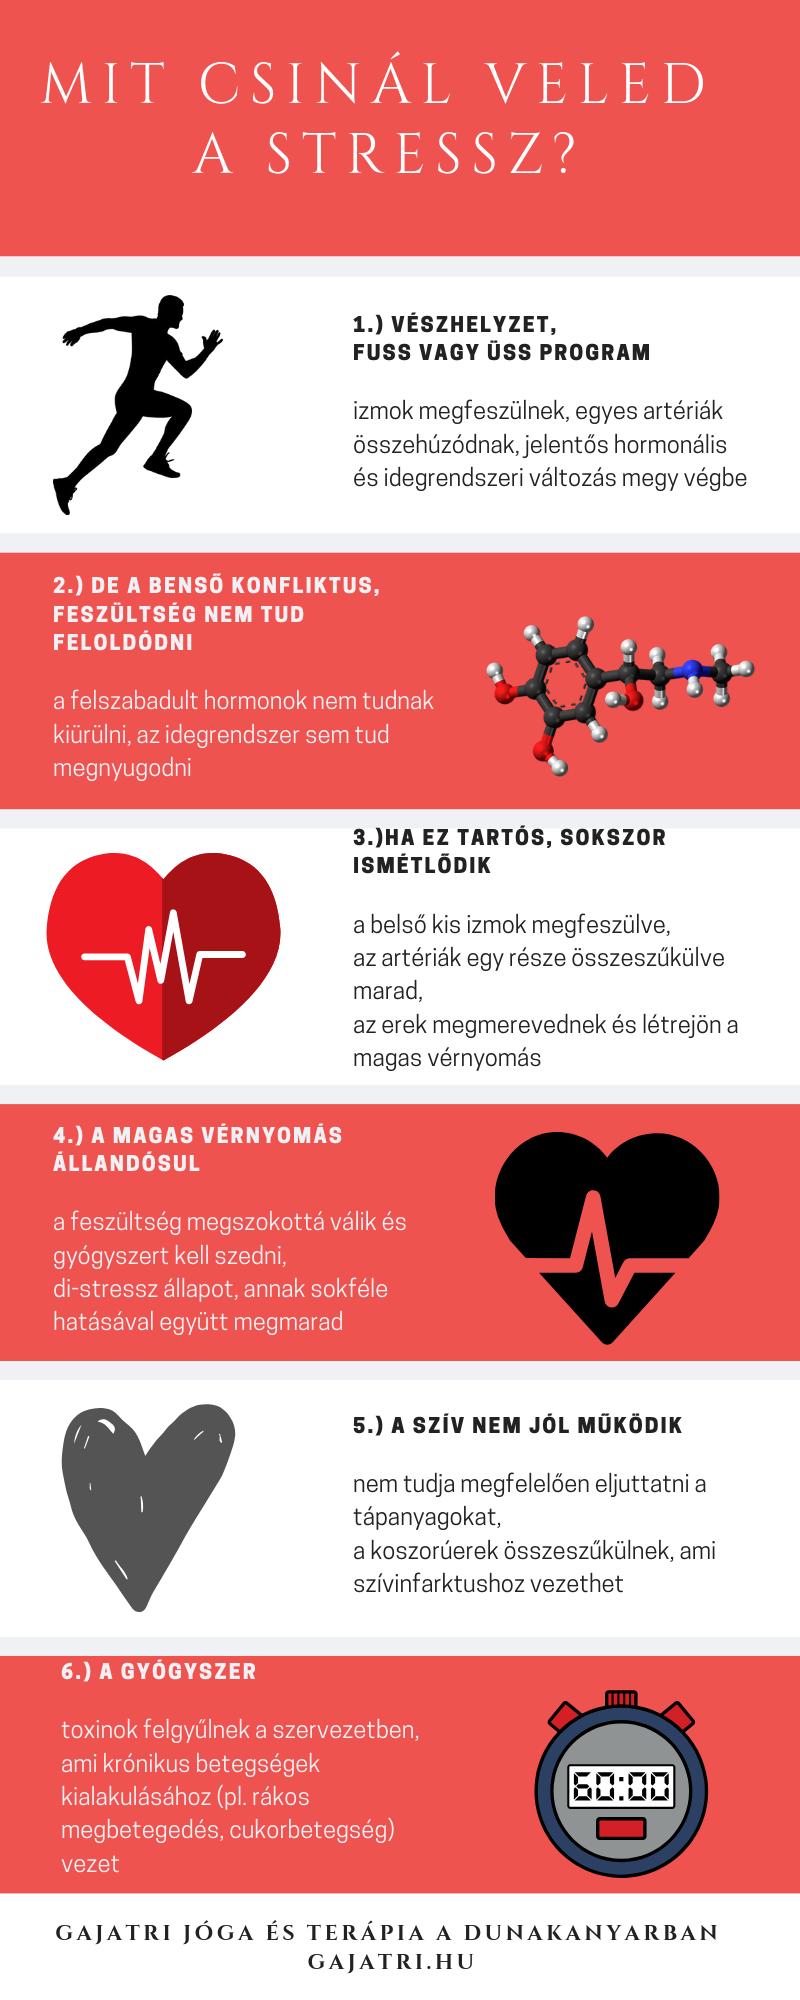 mi az igazi magas vérnyomás)